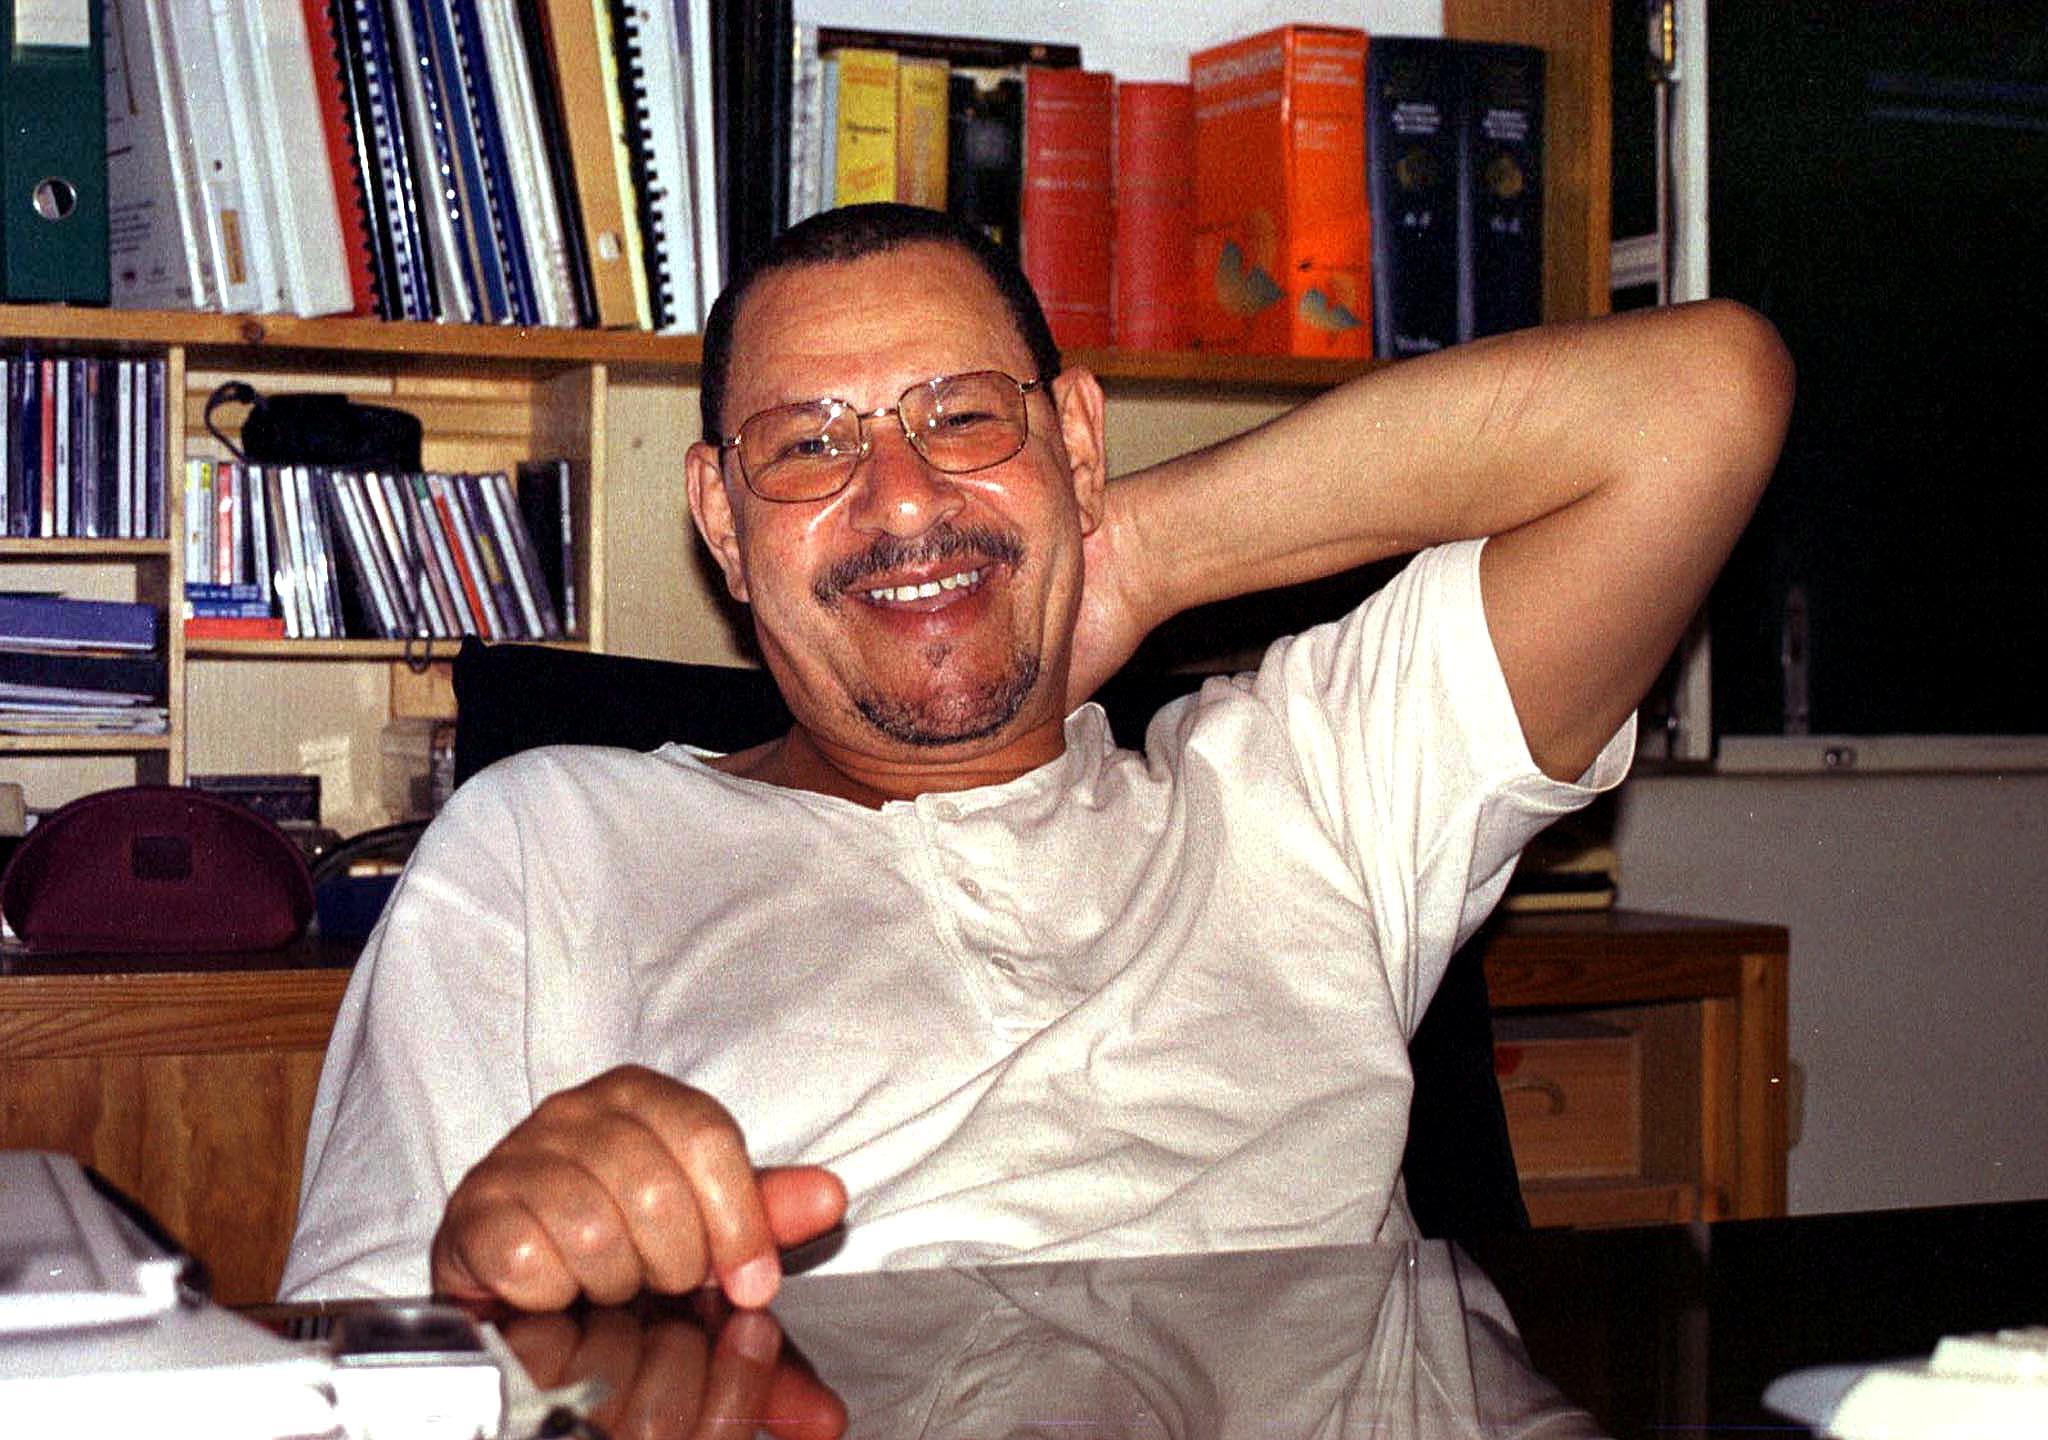 Escritor caboverdiano, Germano de Almeida no seu escritório na cidade do Mindelo, Cabo Verde. FOTO FRANCISCO FONTES / LUSA